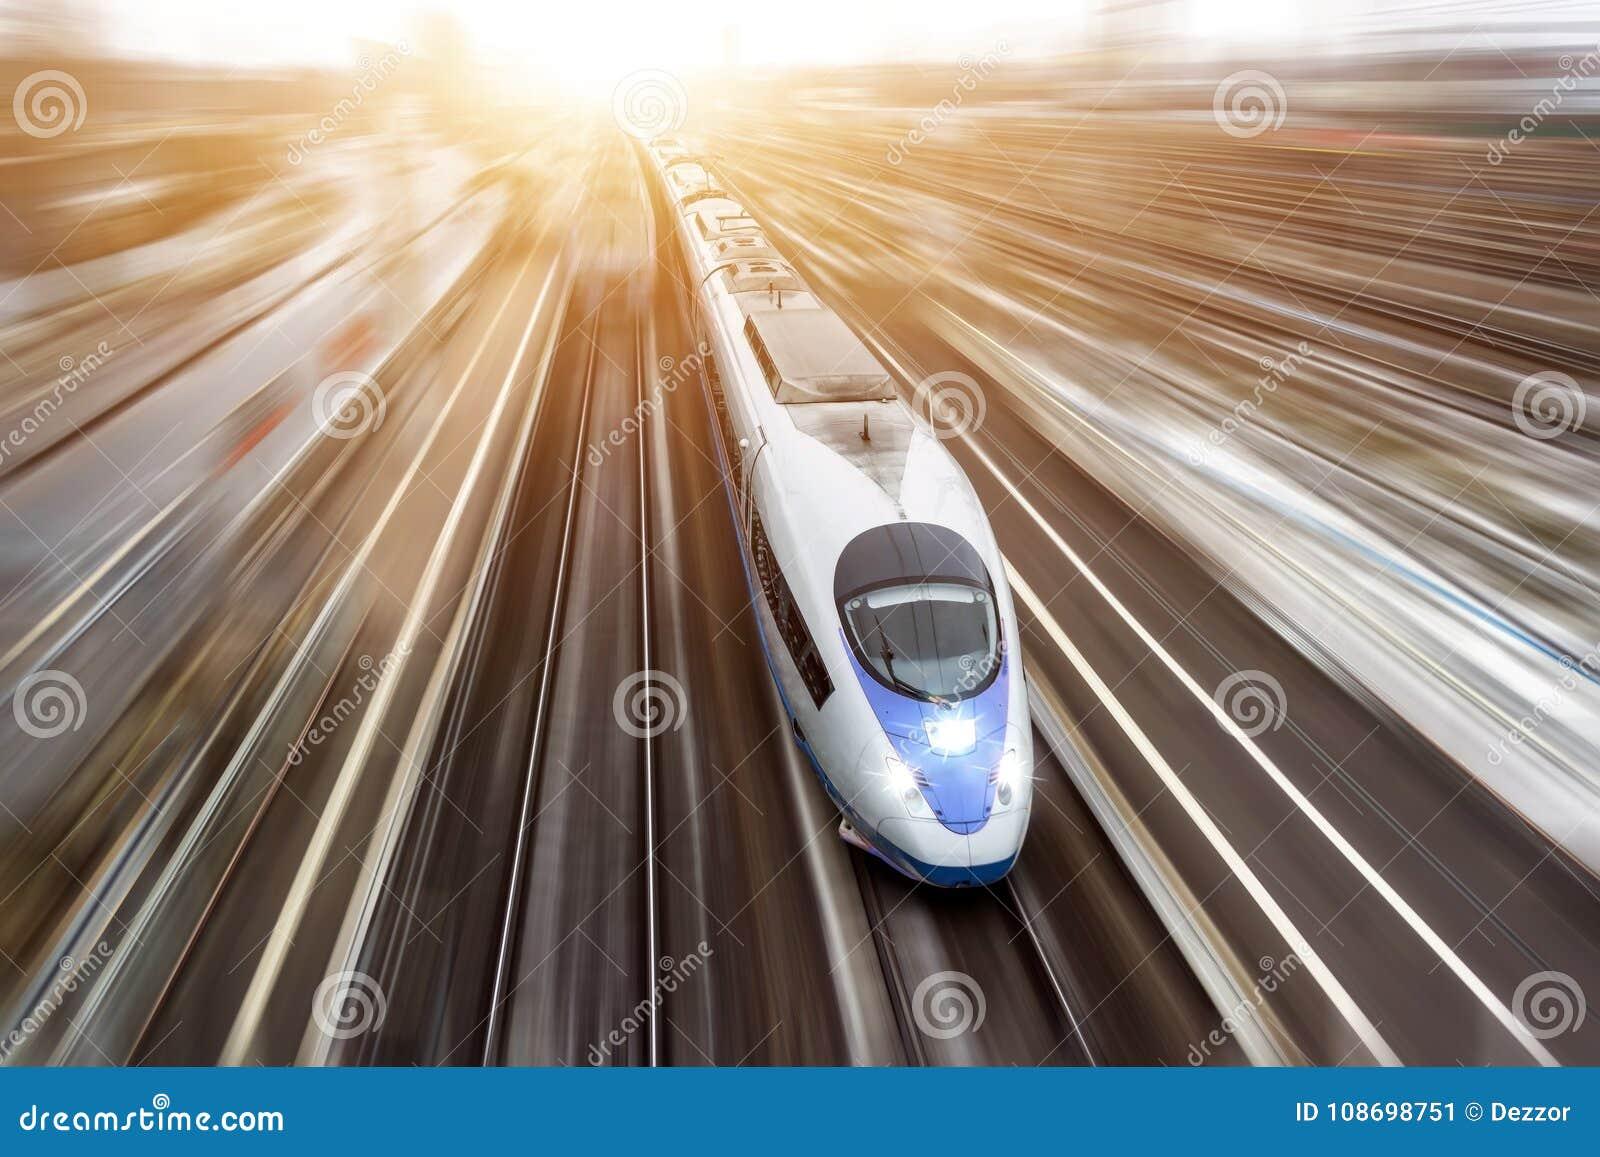 Hochgeschwindigkeitspersonenzug reist an der hohen Geschwindigkeit Draufsicht mit Bewegungseffekt, eingefetteter Hintergrund